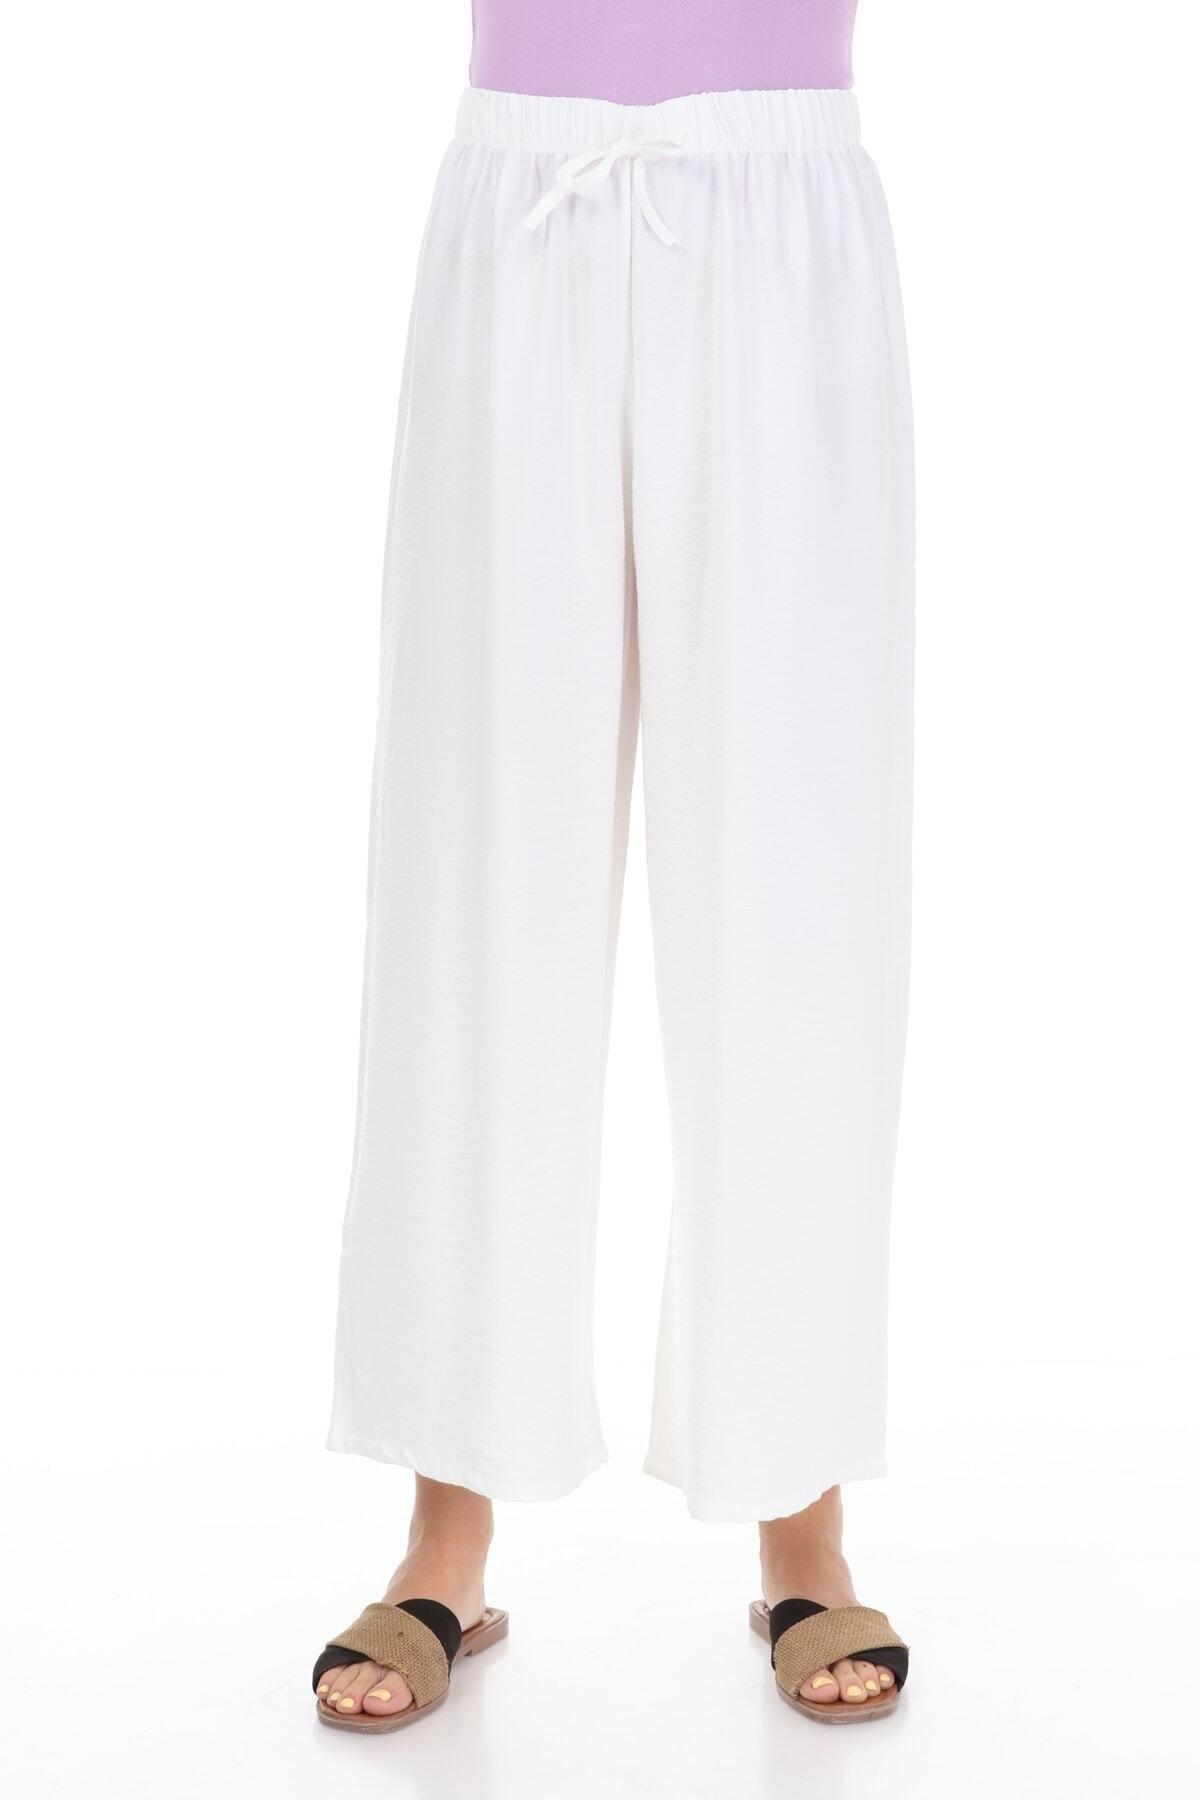 Kadın Beyaz Beli Lastikli Aerobin Pantalon